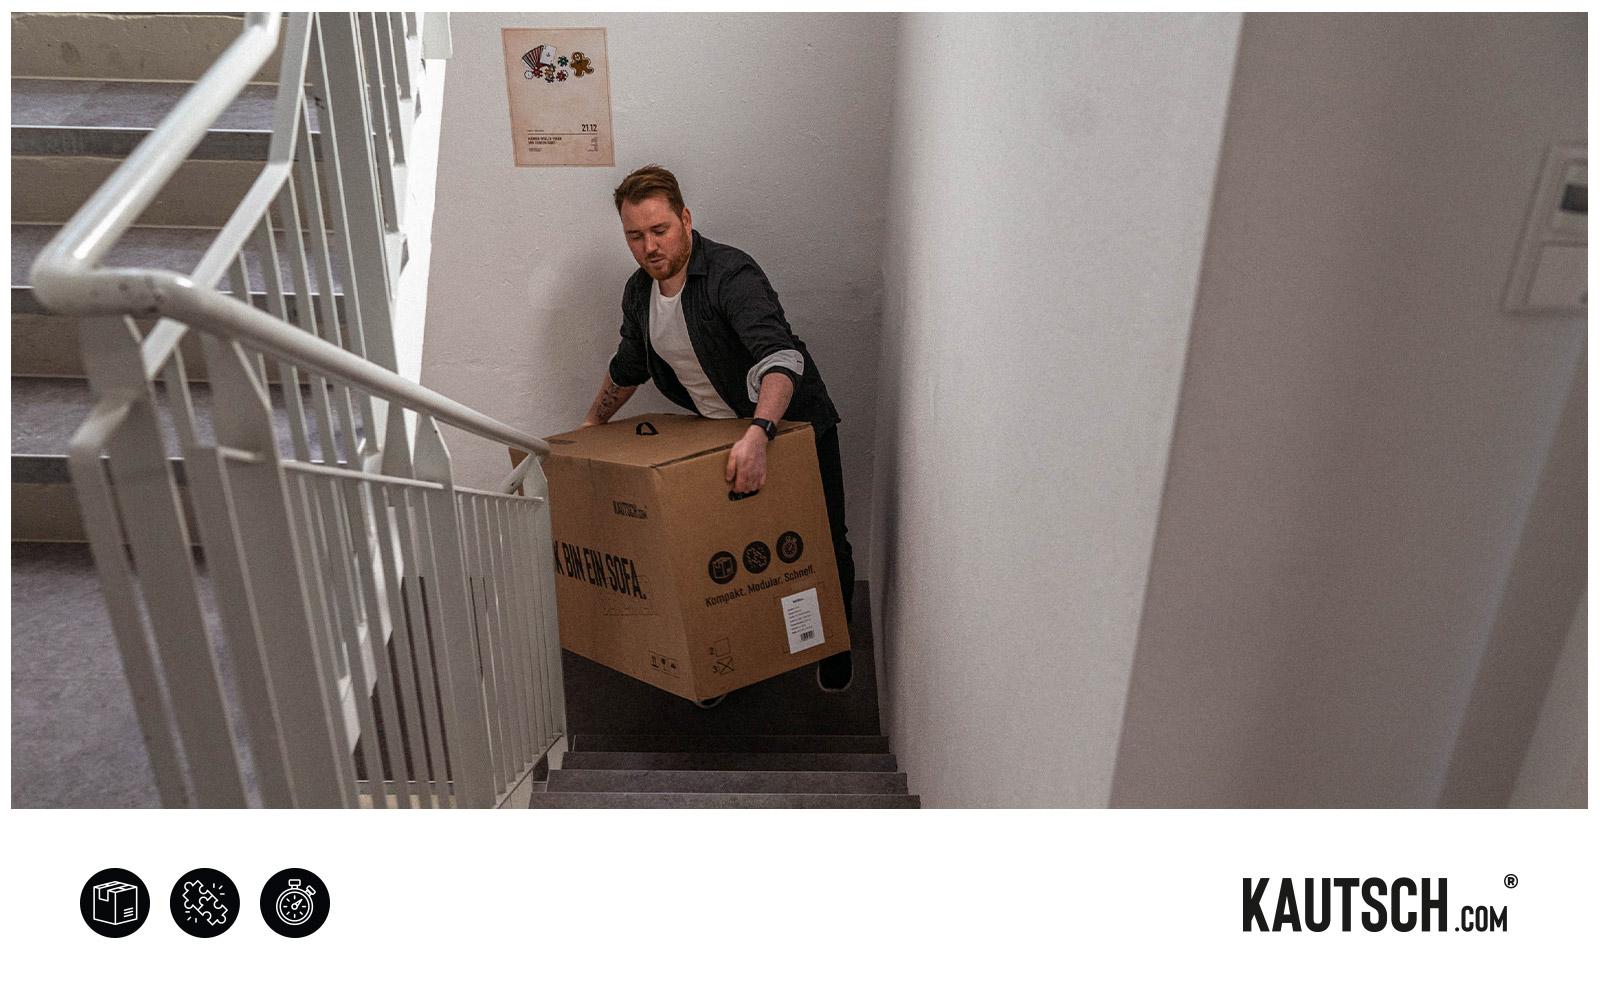 KAUTSCH.com – Einfache Handhabung im engen Treppenhaus